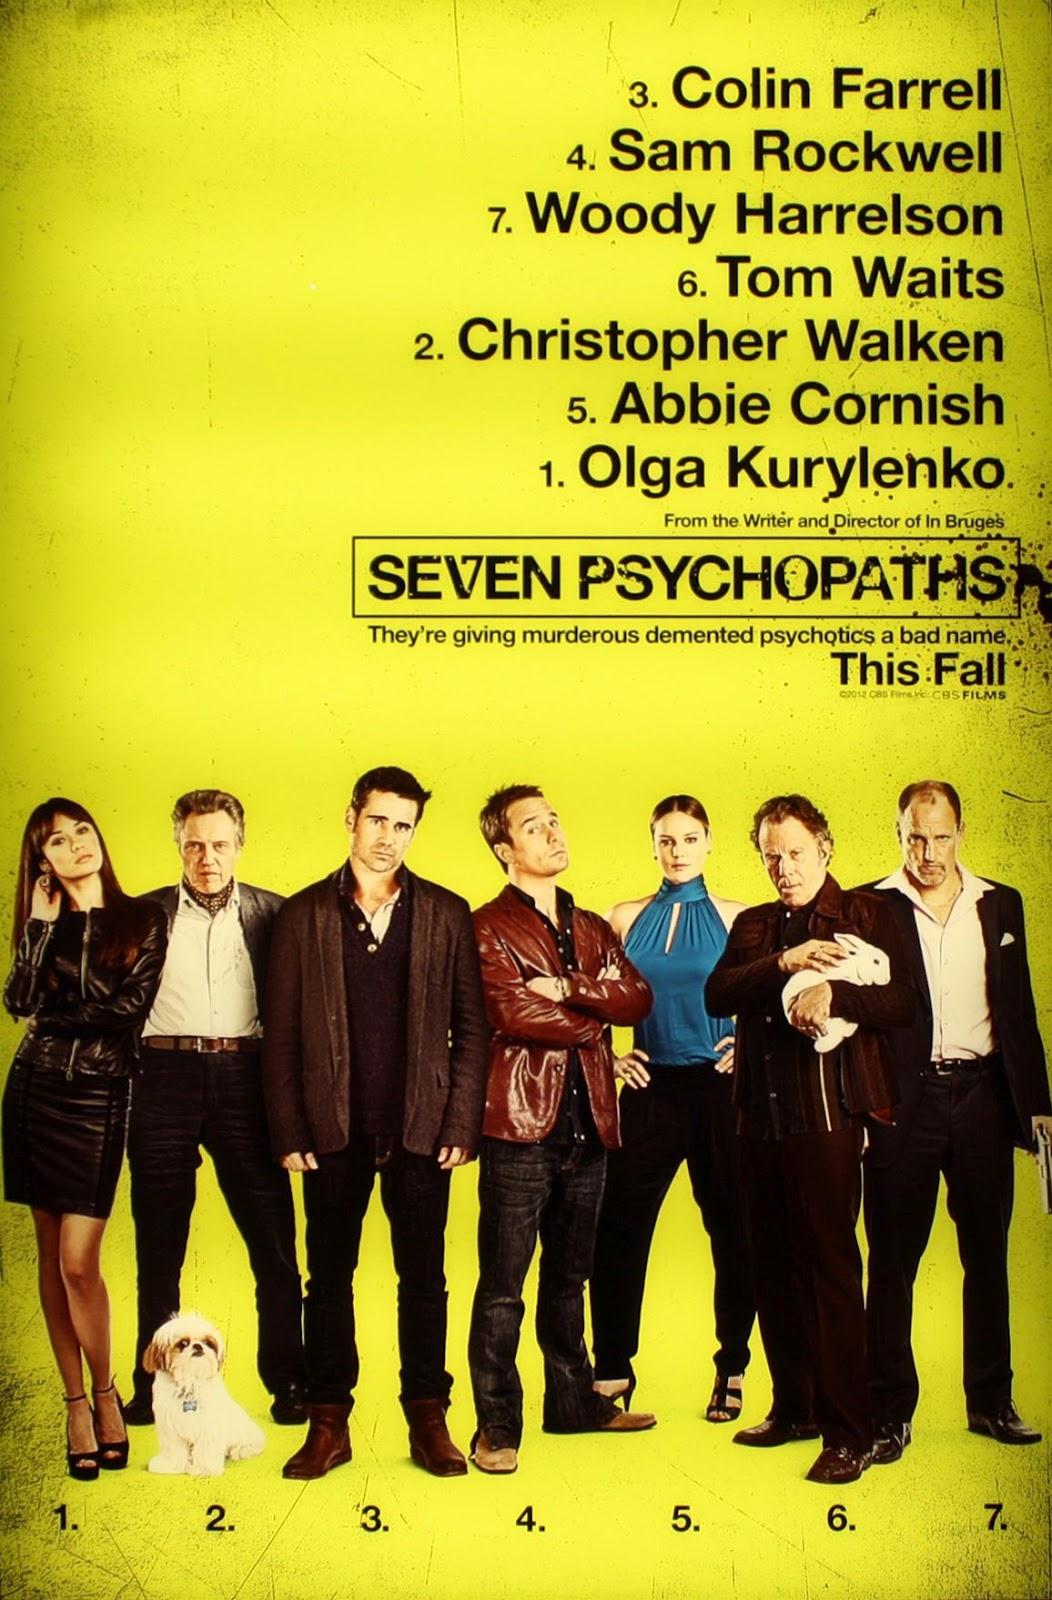 http://2.bp.blogspot.com/-Z79kFzykM1A/UCvqYuchw0I/AAAAAAAAEqc/x3GipXtBeKY/s1600/Seven-Psychopaths-poster-2012.jpg